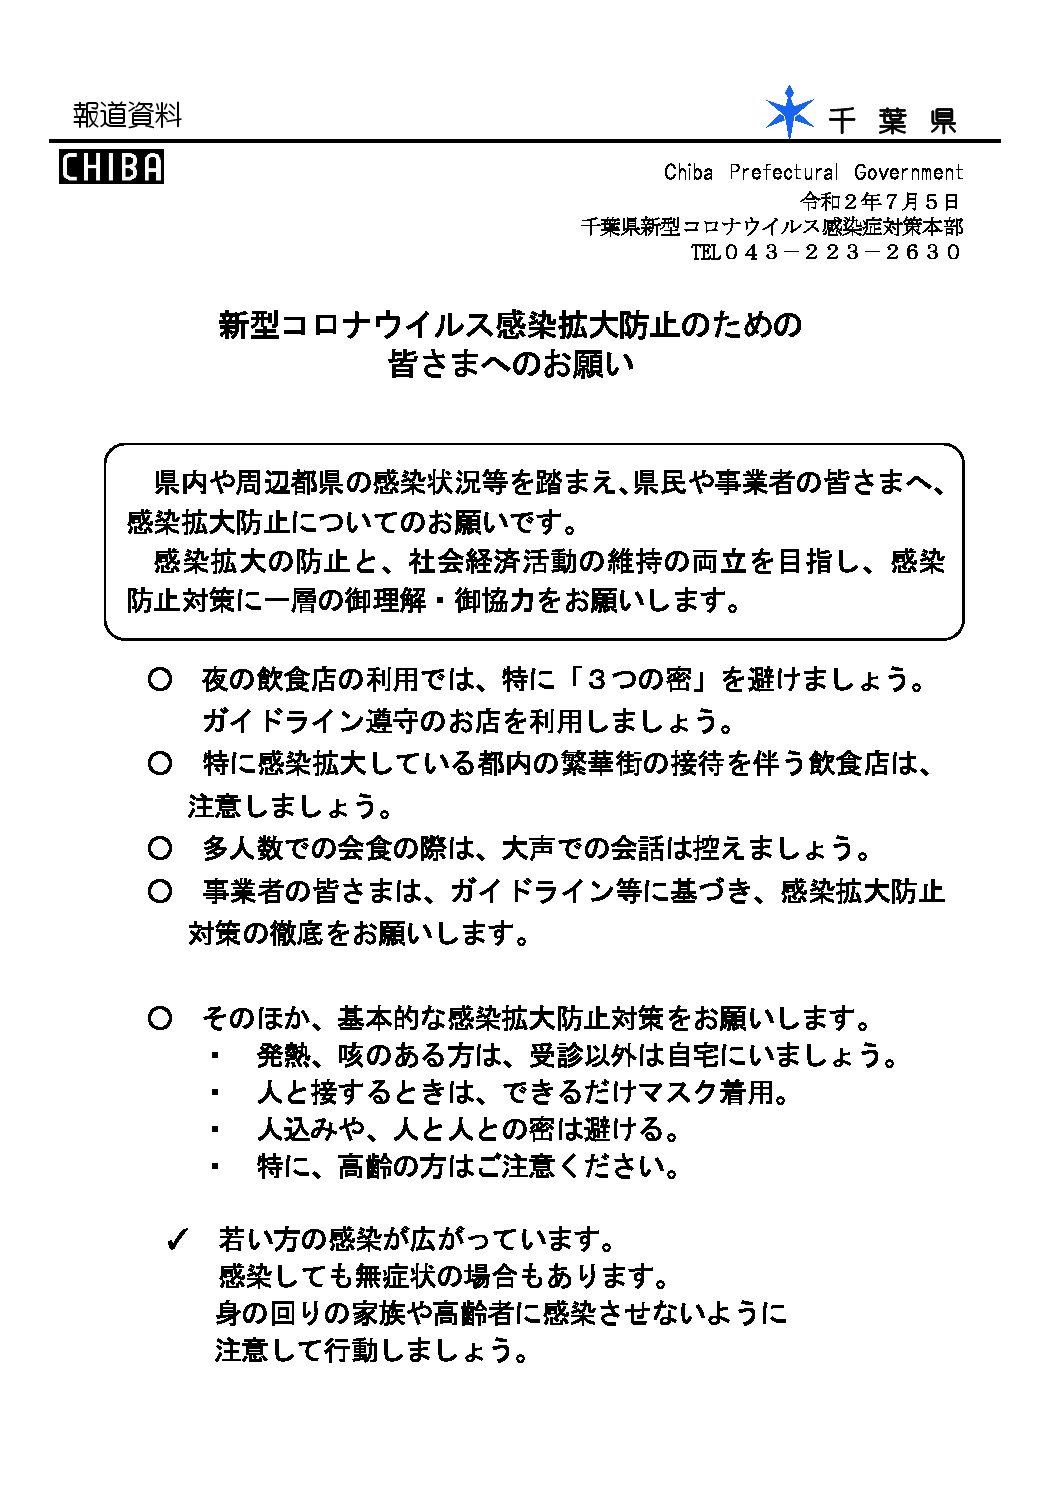 千葉県より新型コロナウイルス感染拡大防止のための皆さまへのお願い